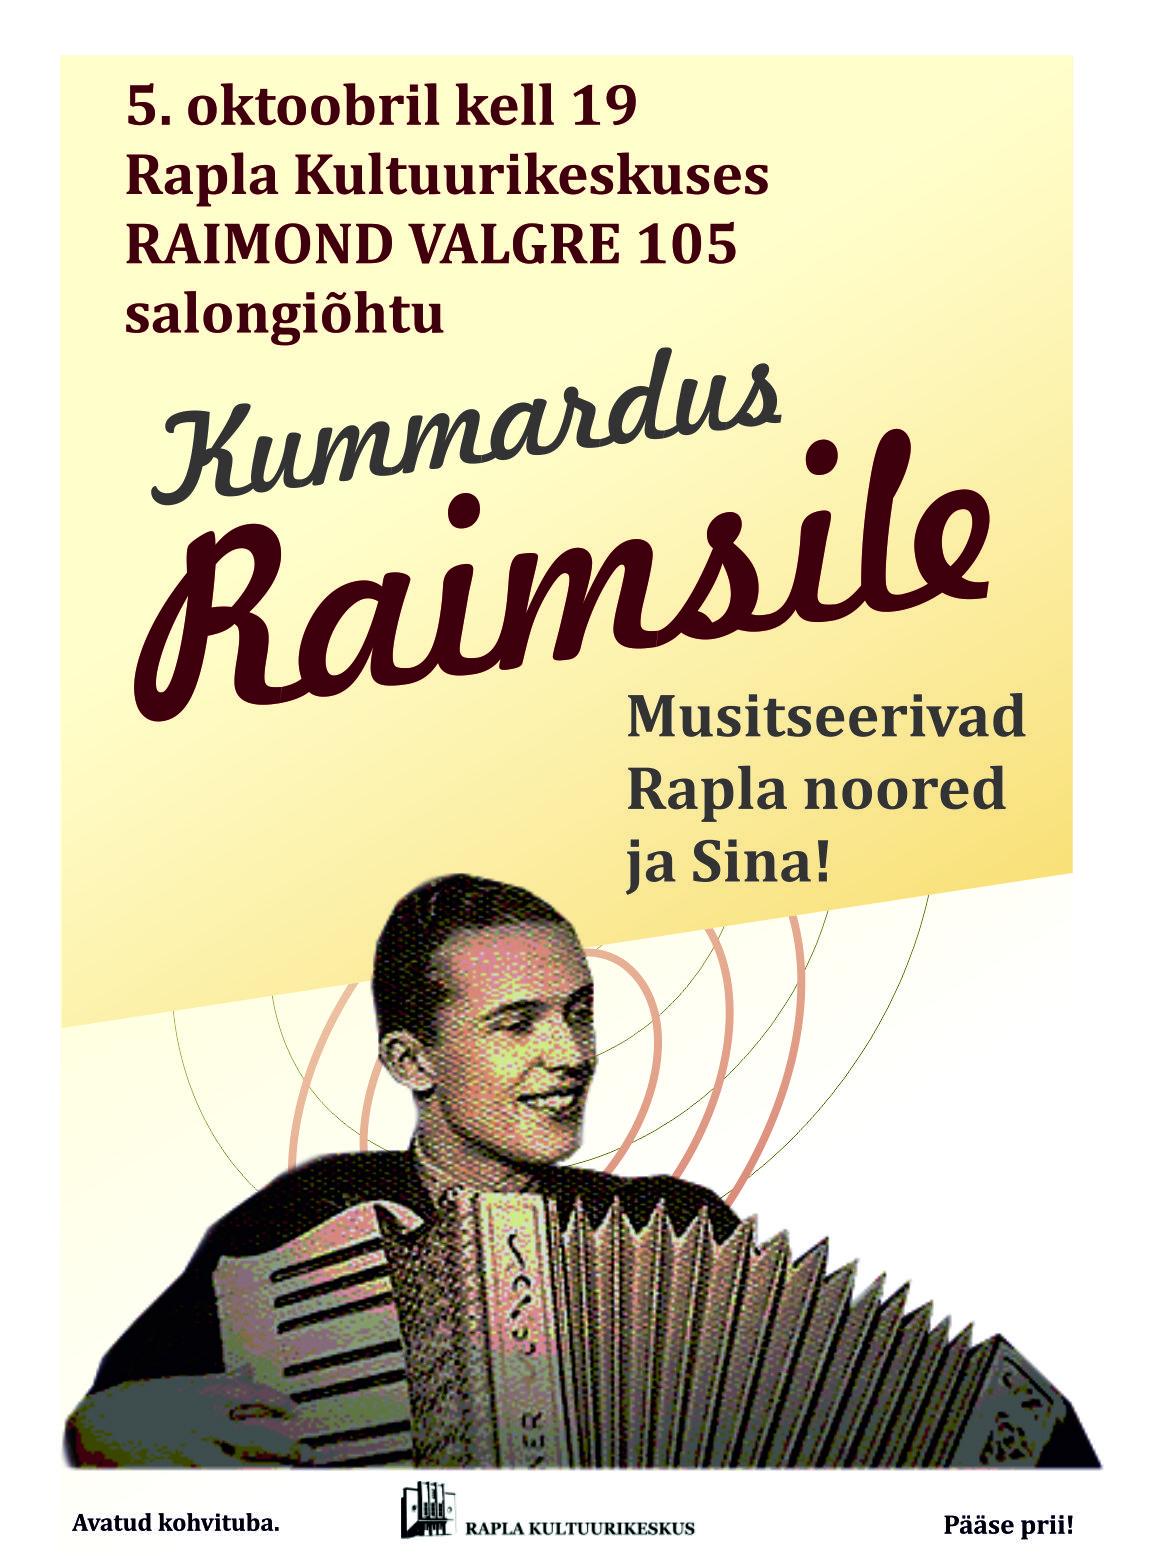 Raimond Valgre 105